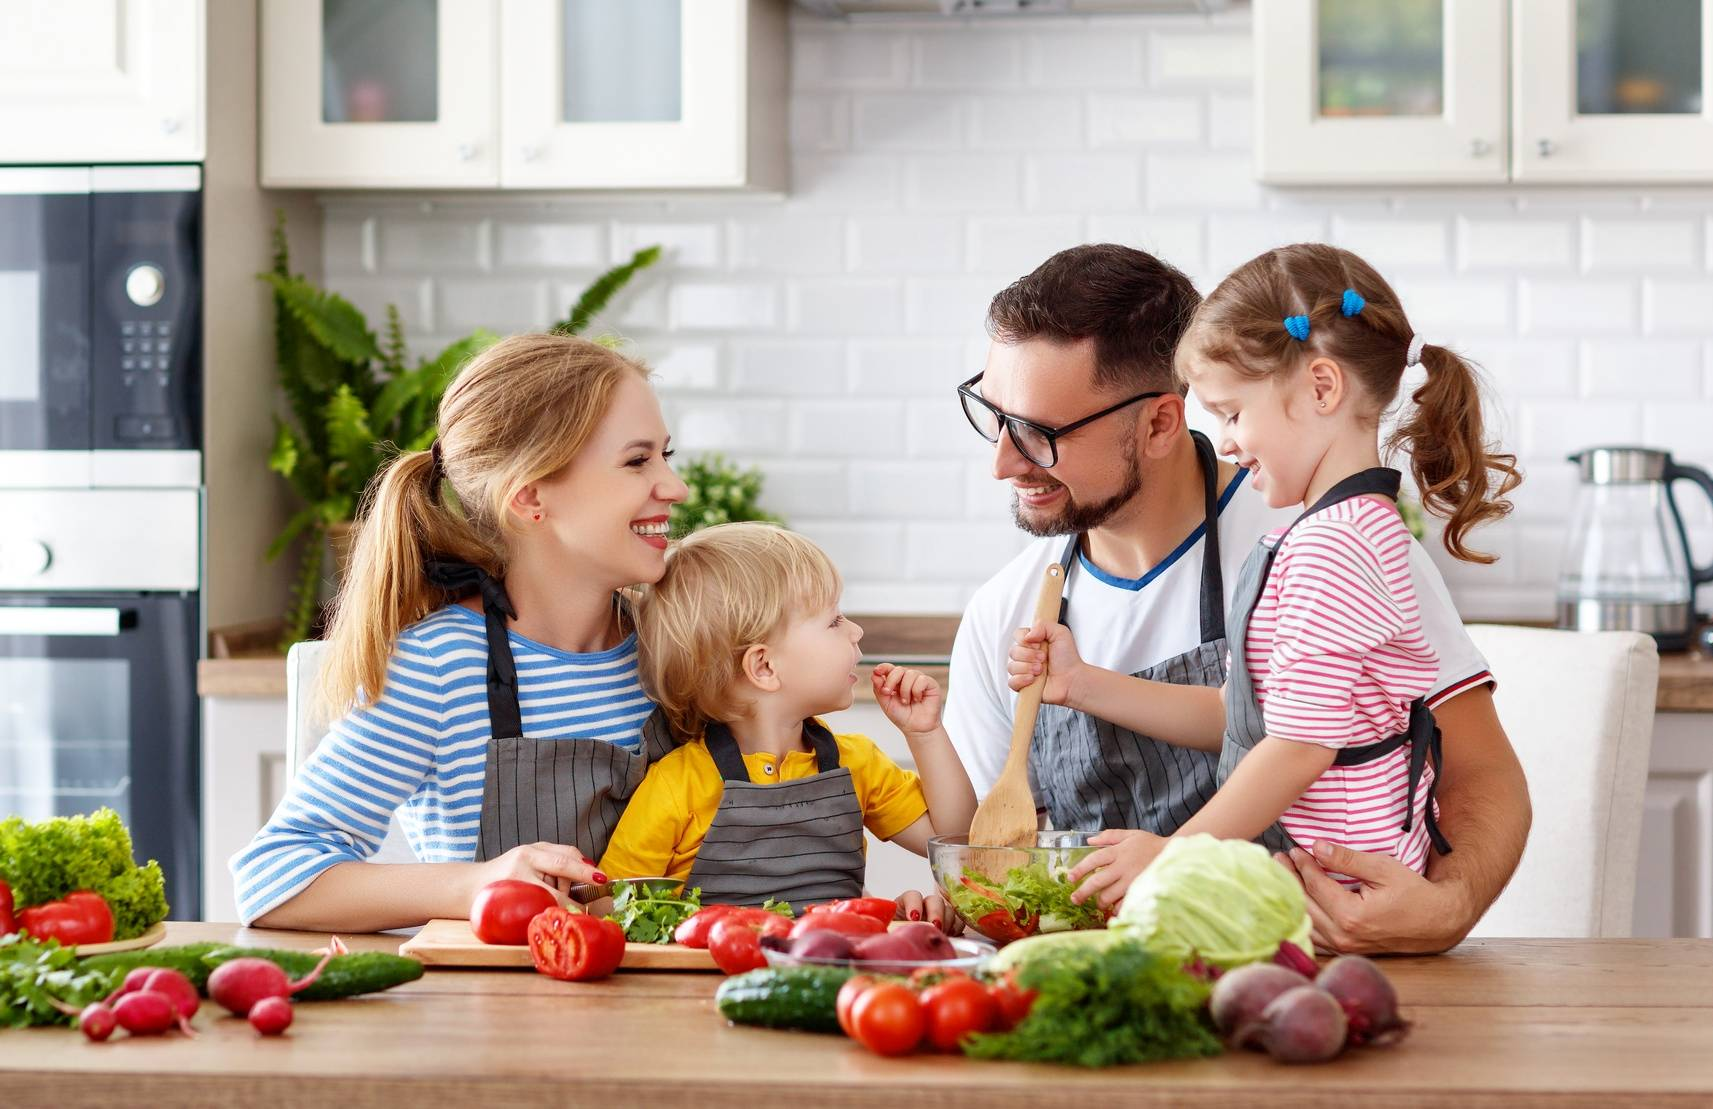 Cynk - kto i gdzie powinien go szukać? W czym jest cynk? Szczęśliwa rodzina je śniadanie w kuchni.